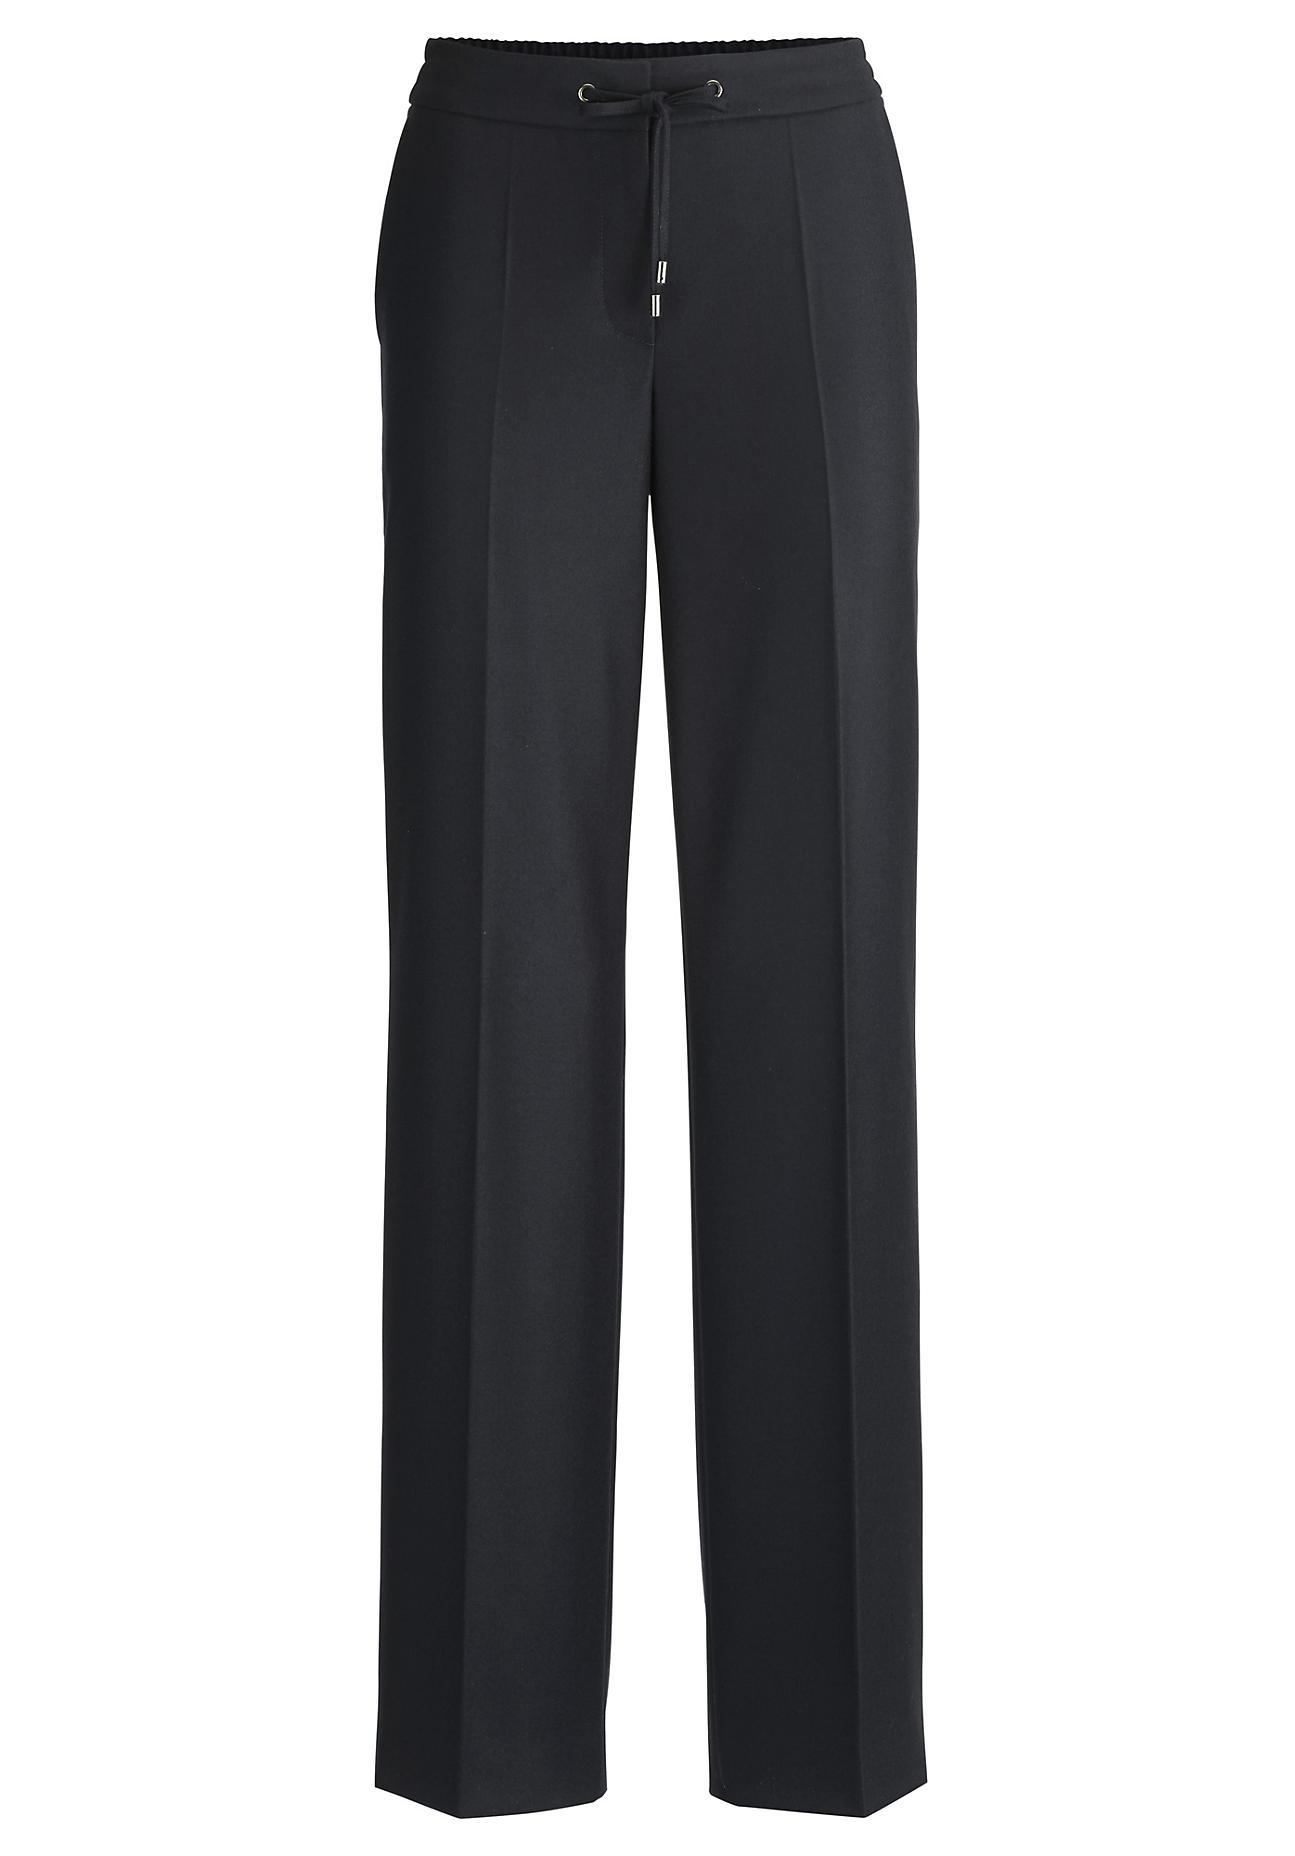 Hosen für Frauen - hessnatur Damen Flanell Hose aus Schurwolle – blau –  - Onlineshop Hessnatur